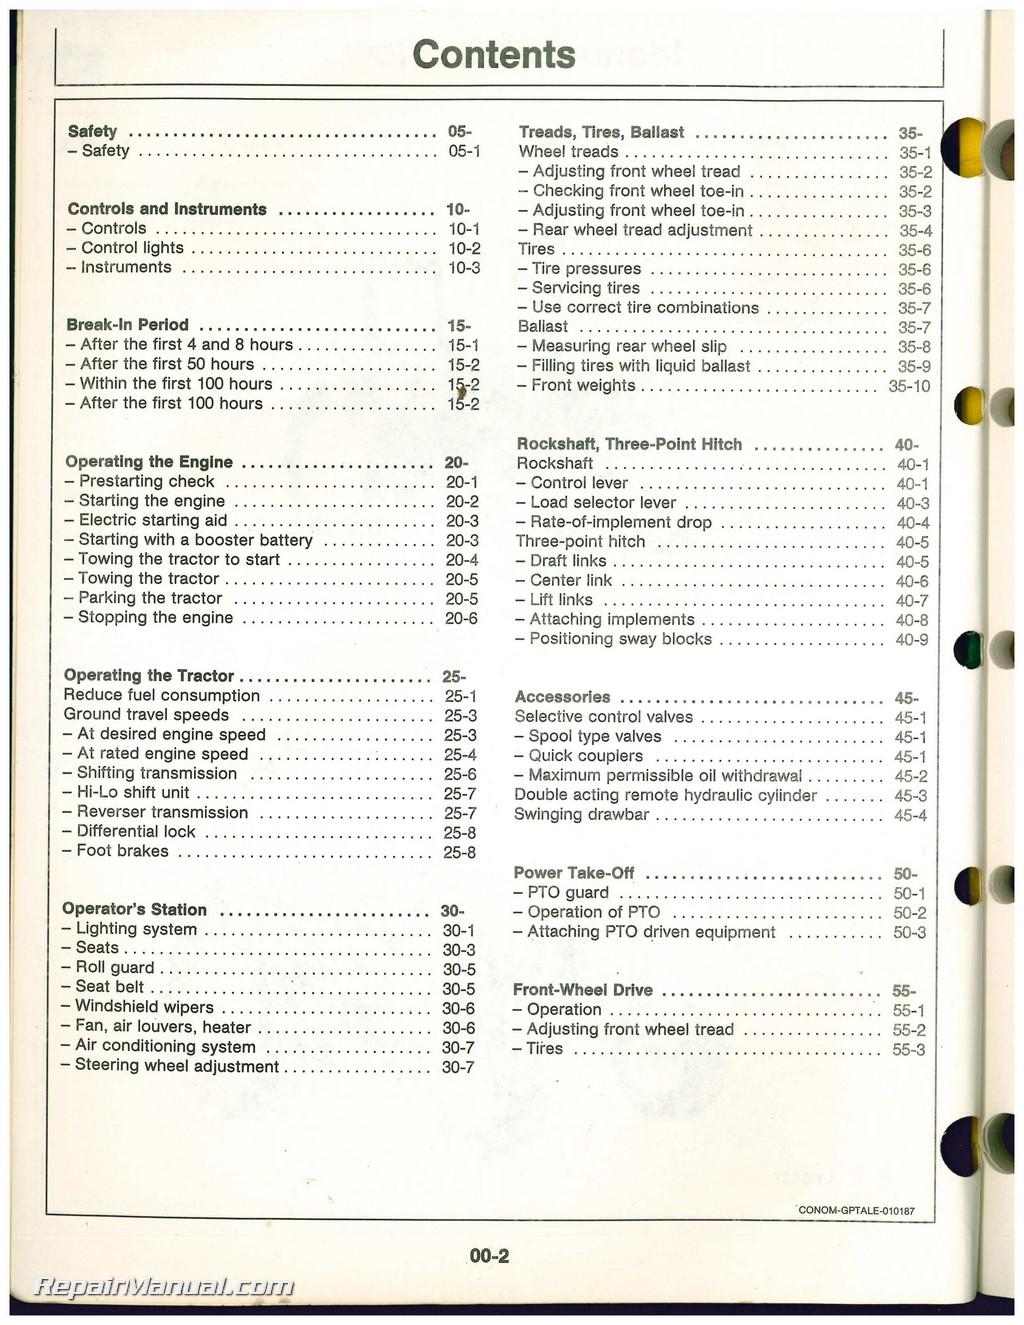 john deere 2755 owners manual